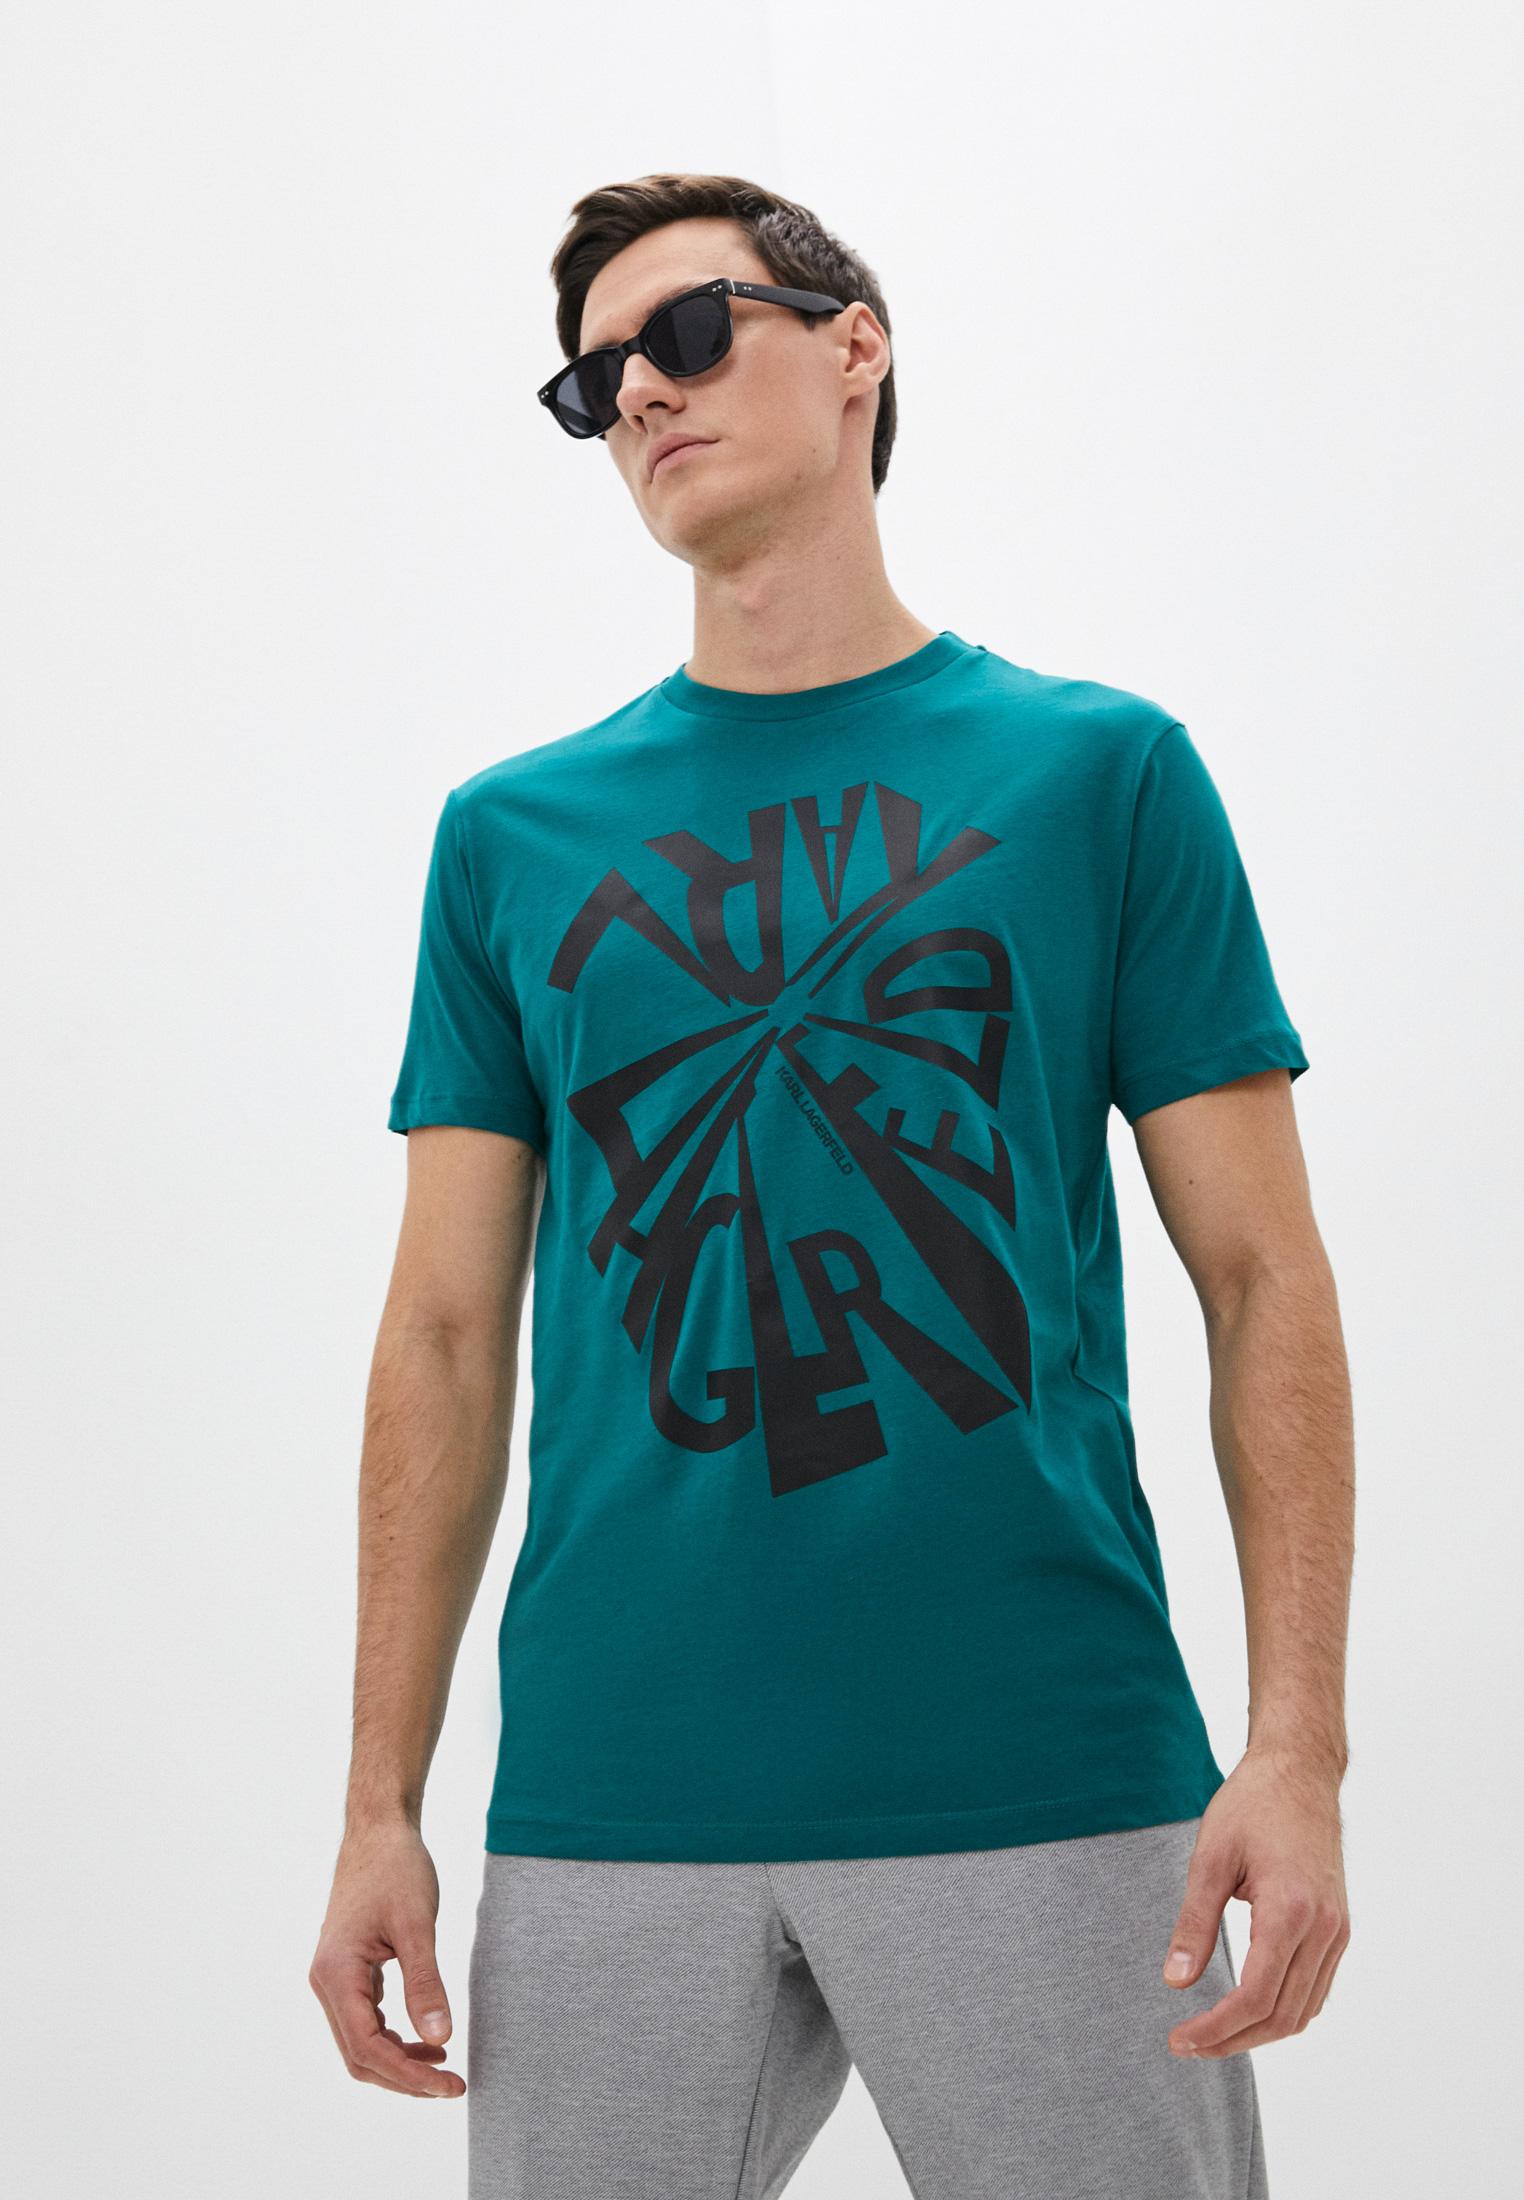 Мужская футболка Karl Lagerfeld (Карл Лагерфельд) 512224-755102